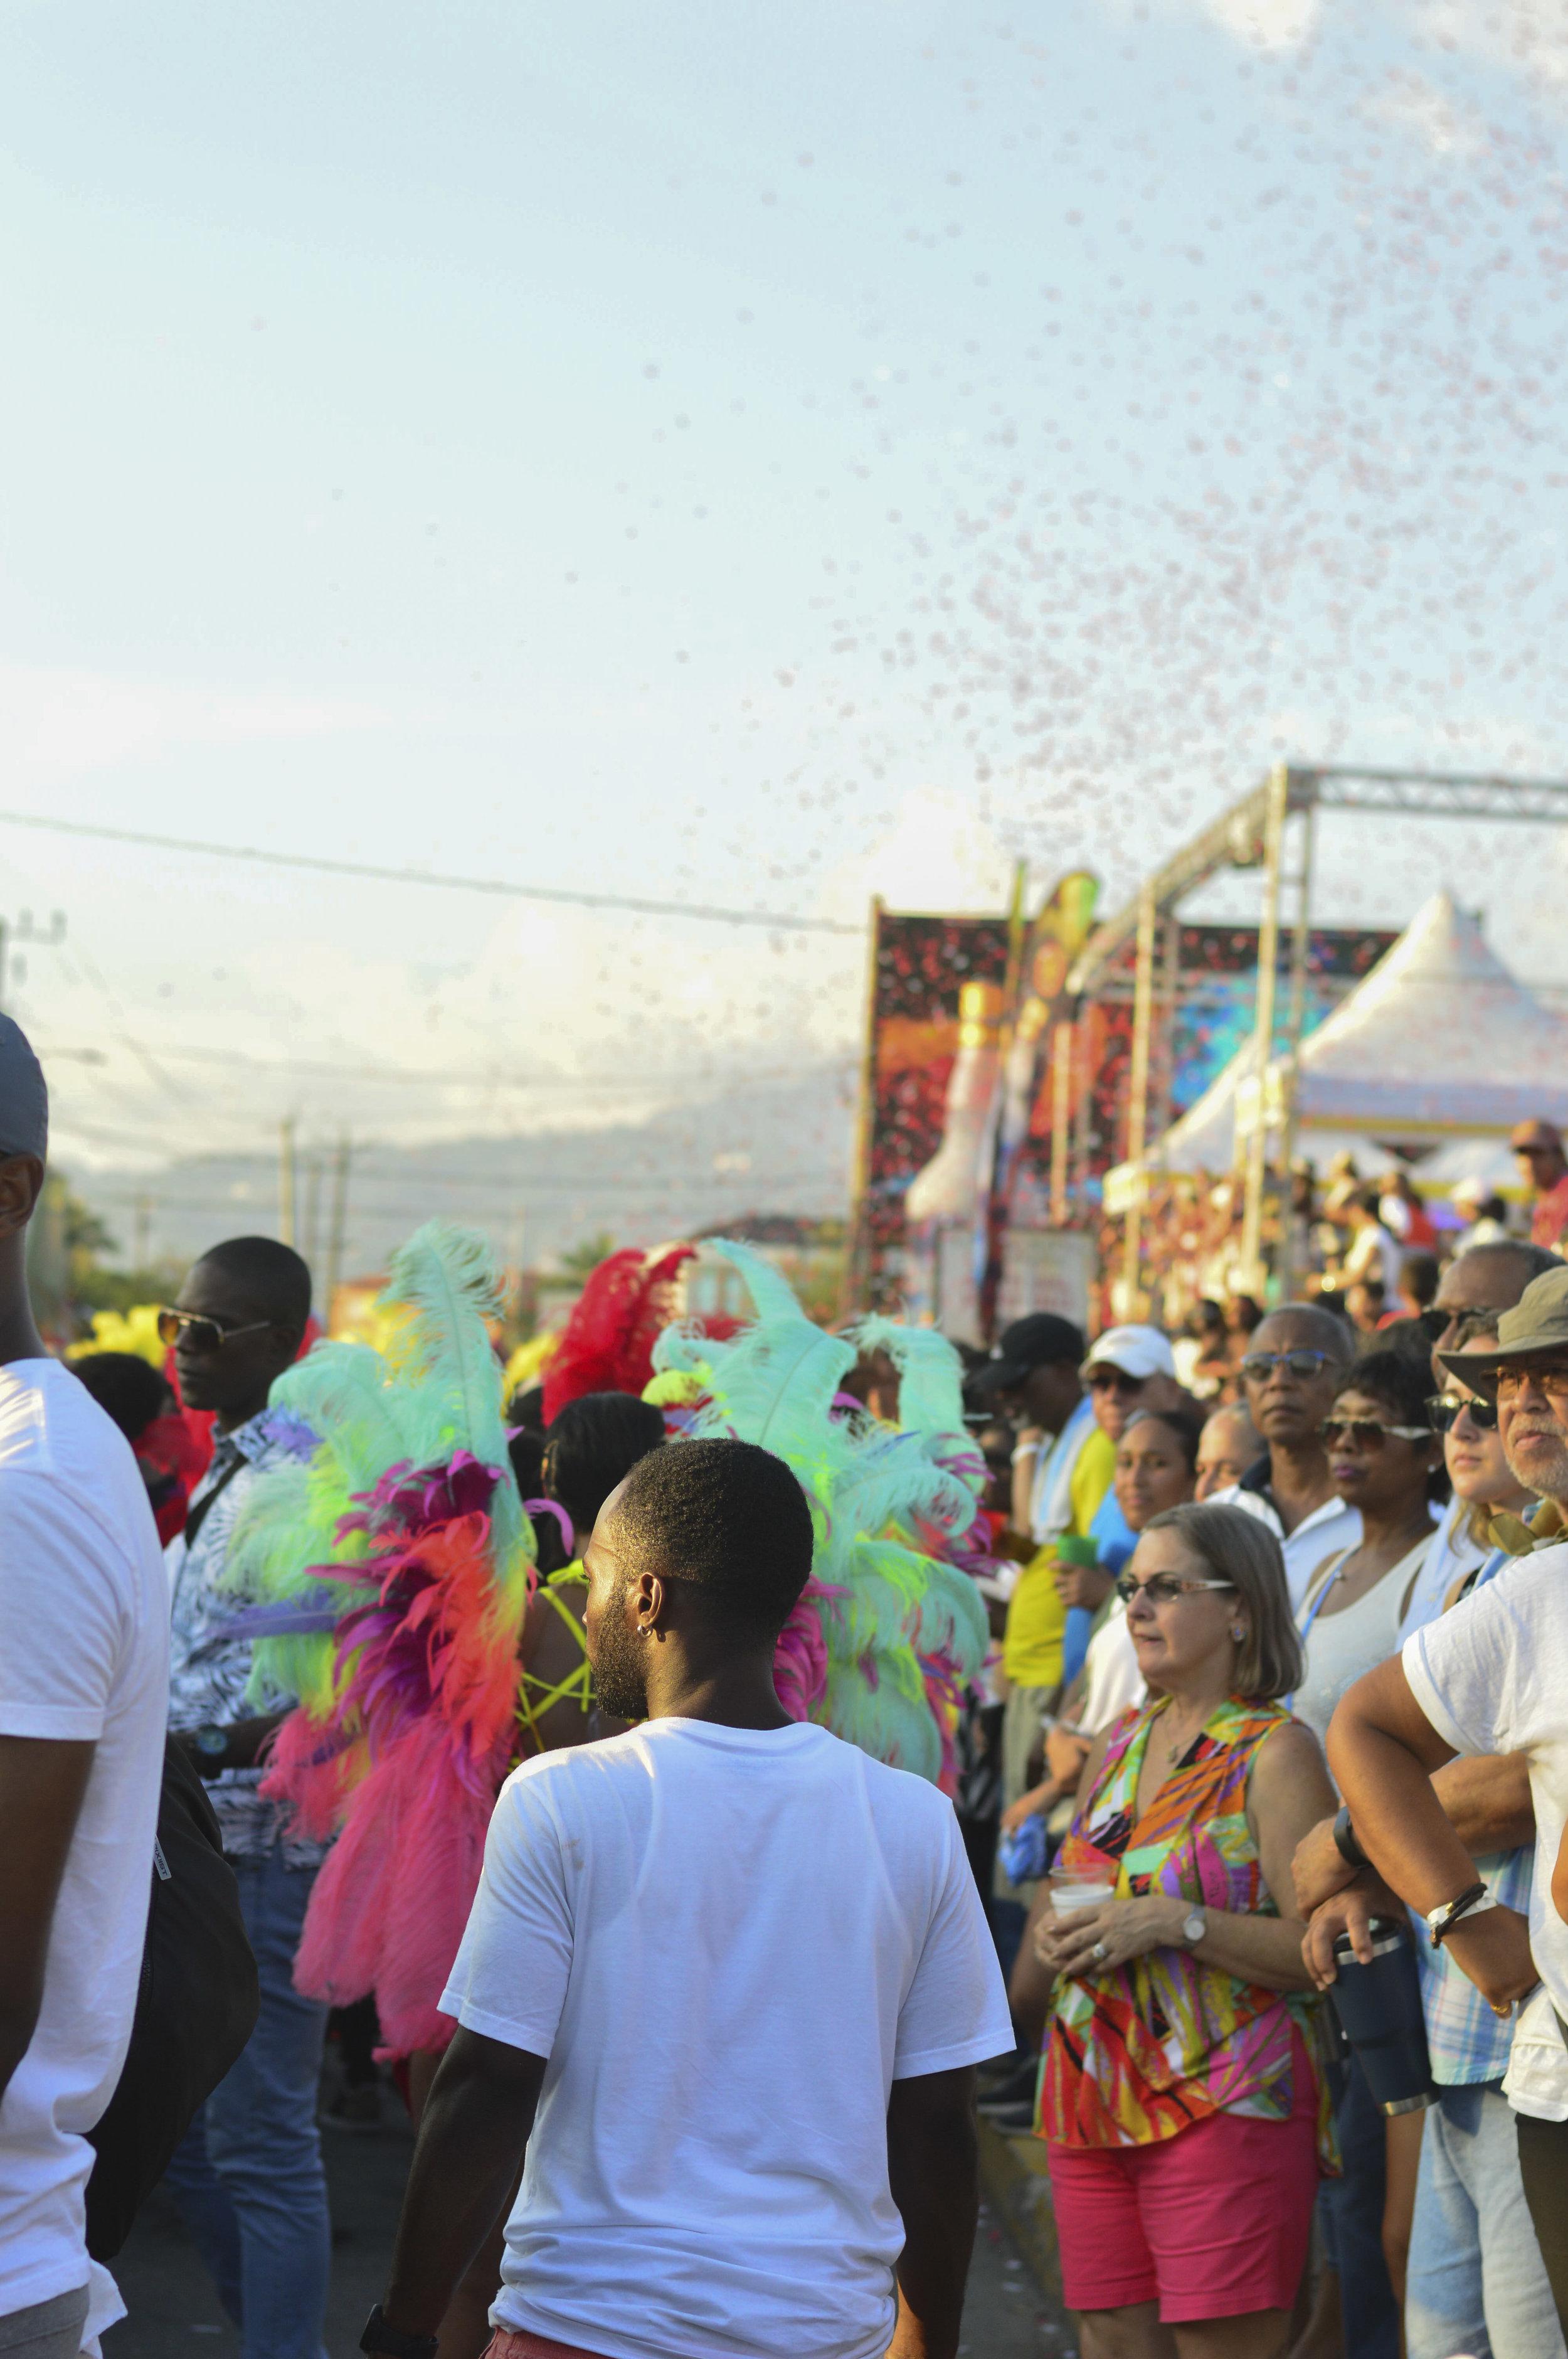 carnival2019_jeanalindo-19.jpg